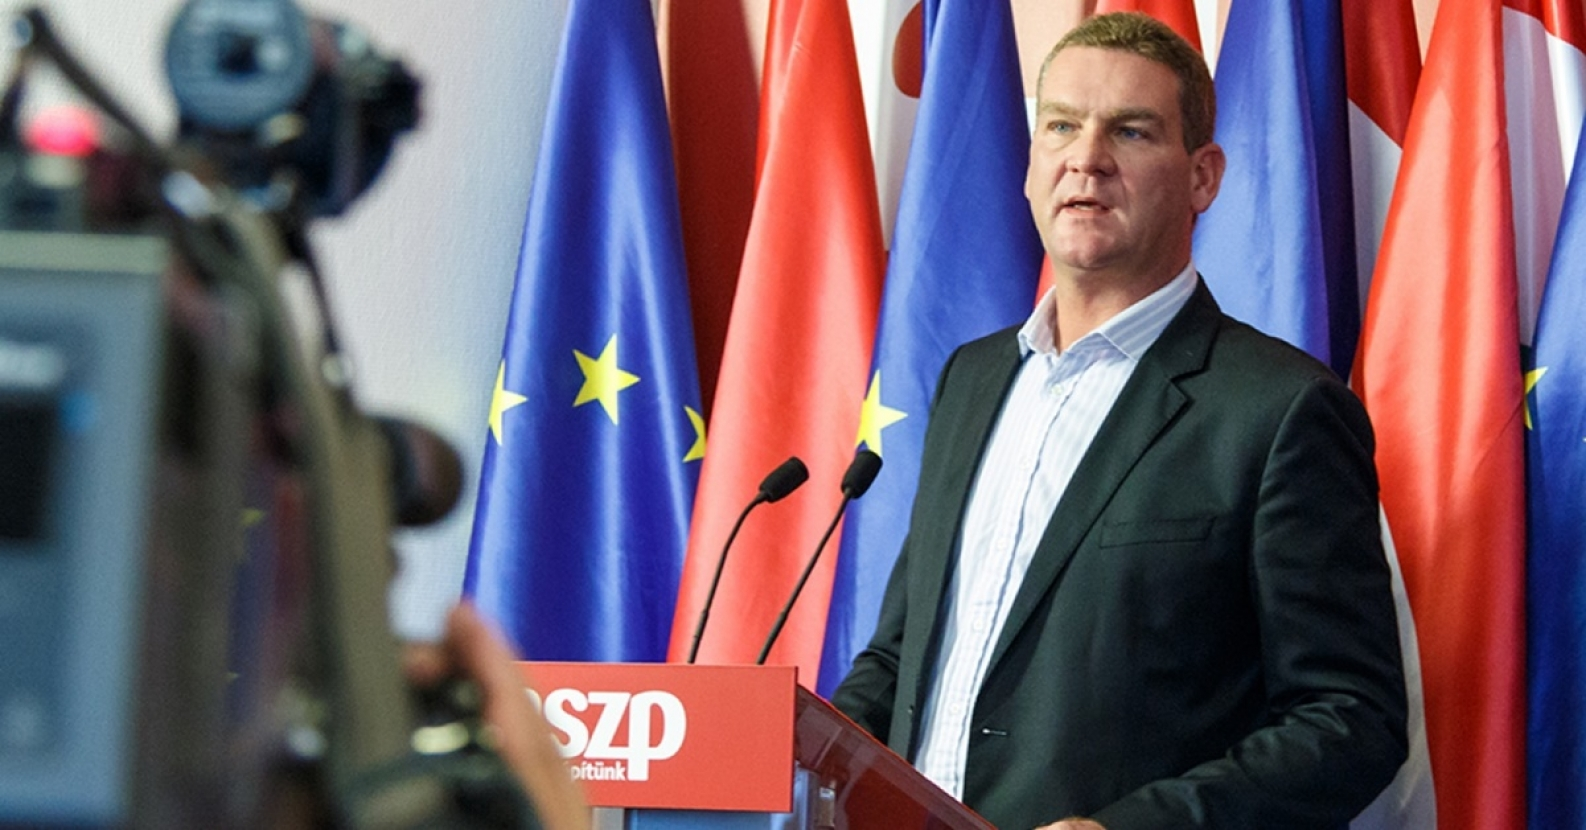 Tegyünk igazságot! Botka László miniszterelnök-jelölti programja